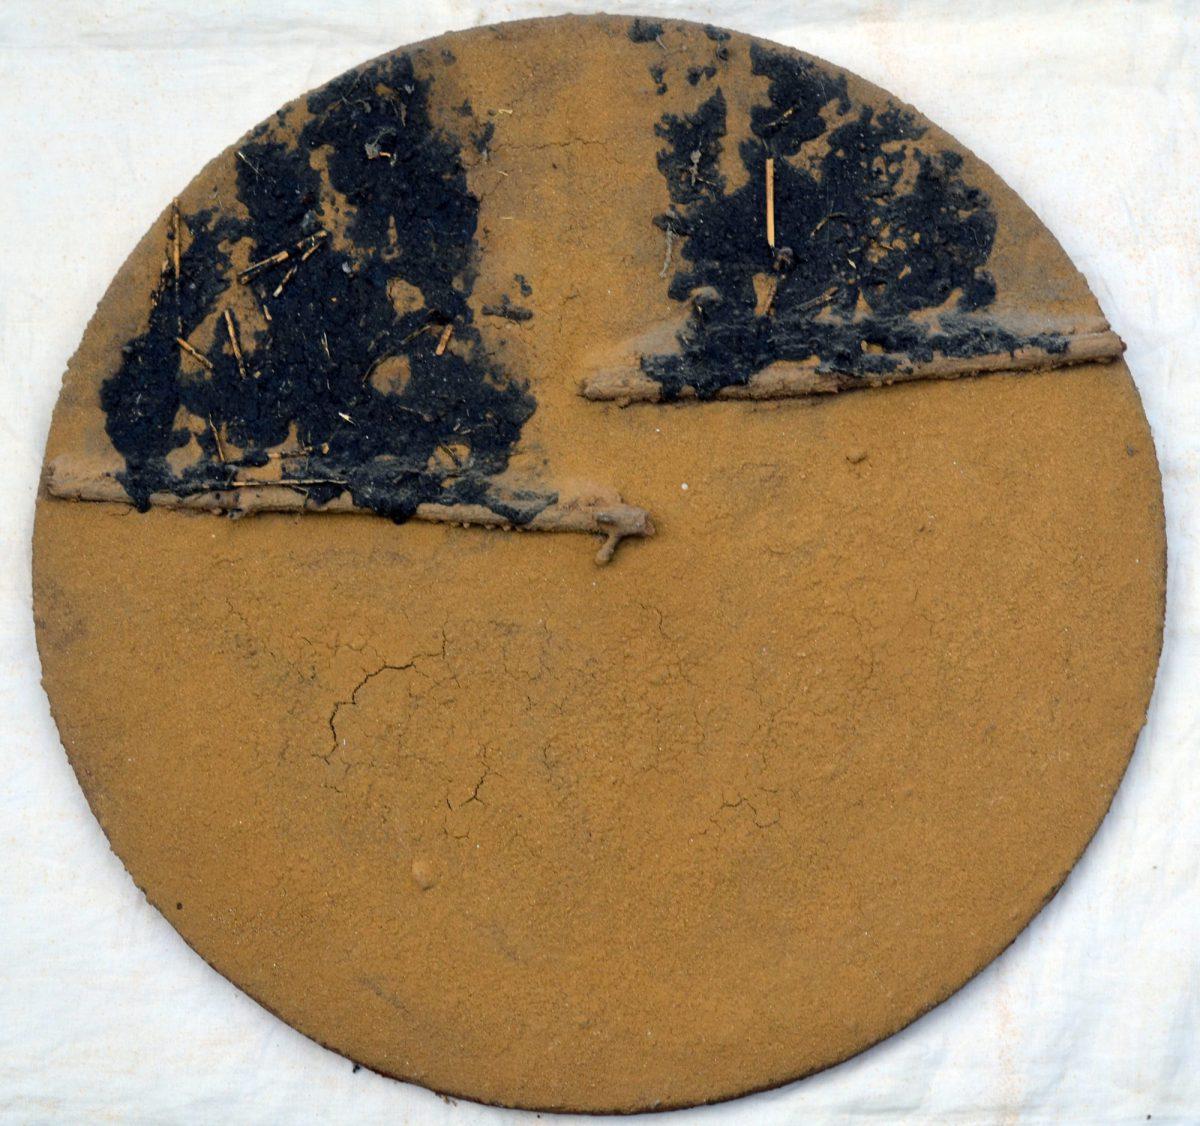 Angel Alonso -Tondo - Chutes de goudron sur terre - Ø 60 cm - 1975